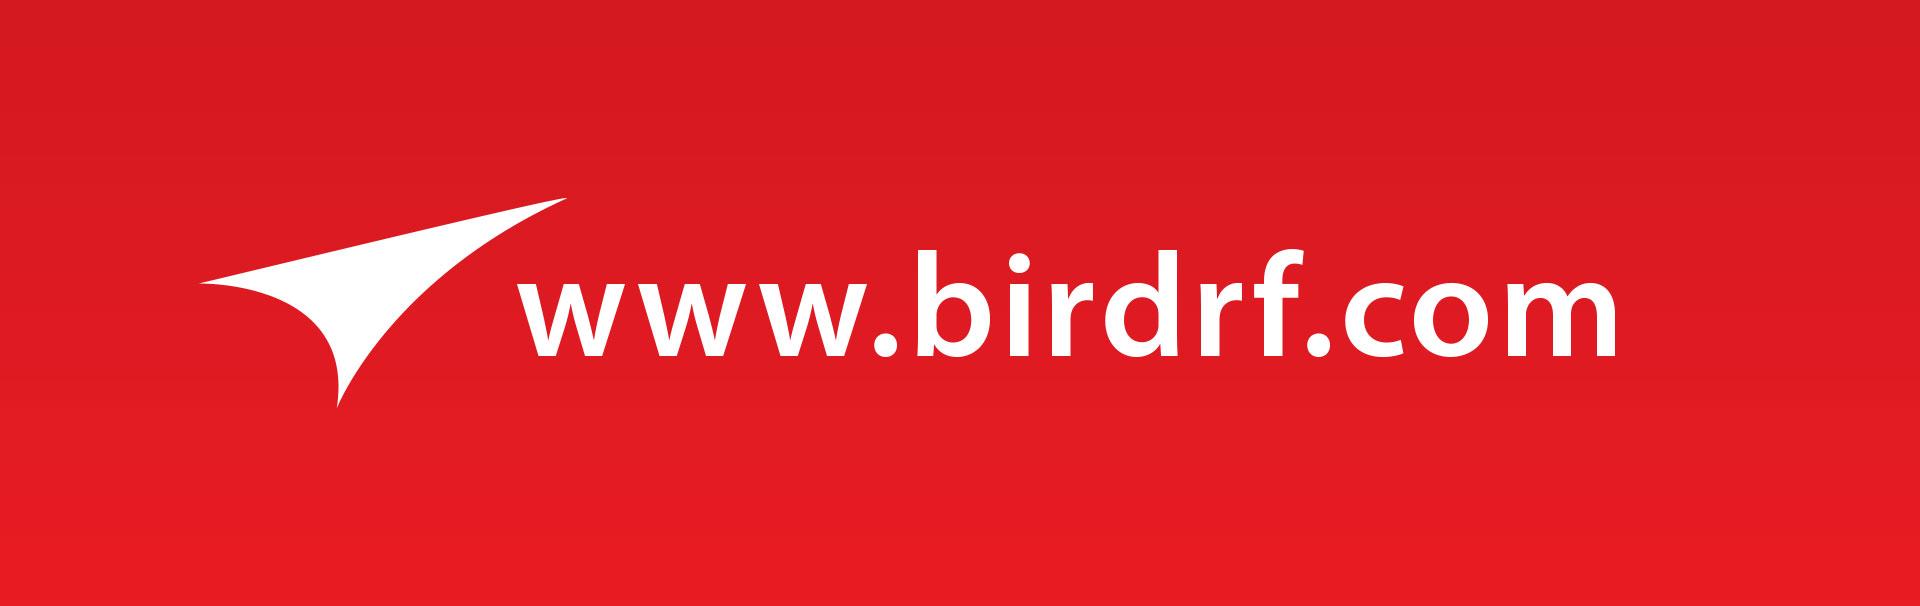 1920x606-Bird-Header